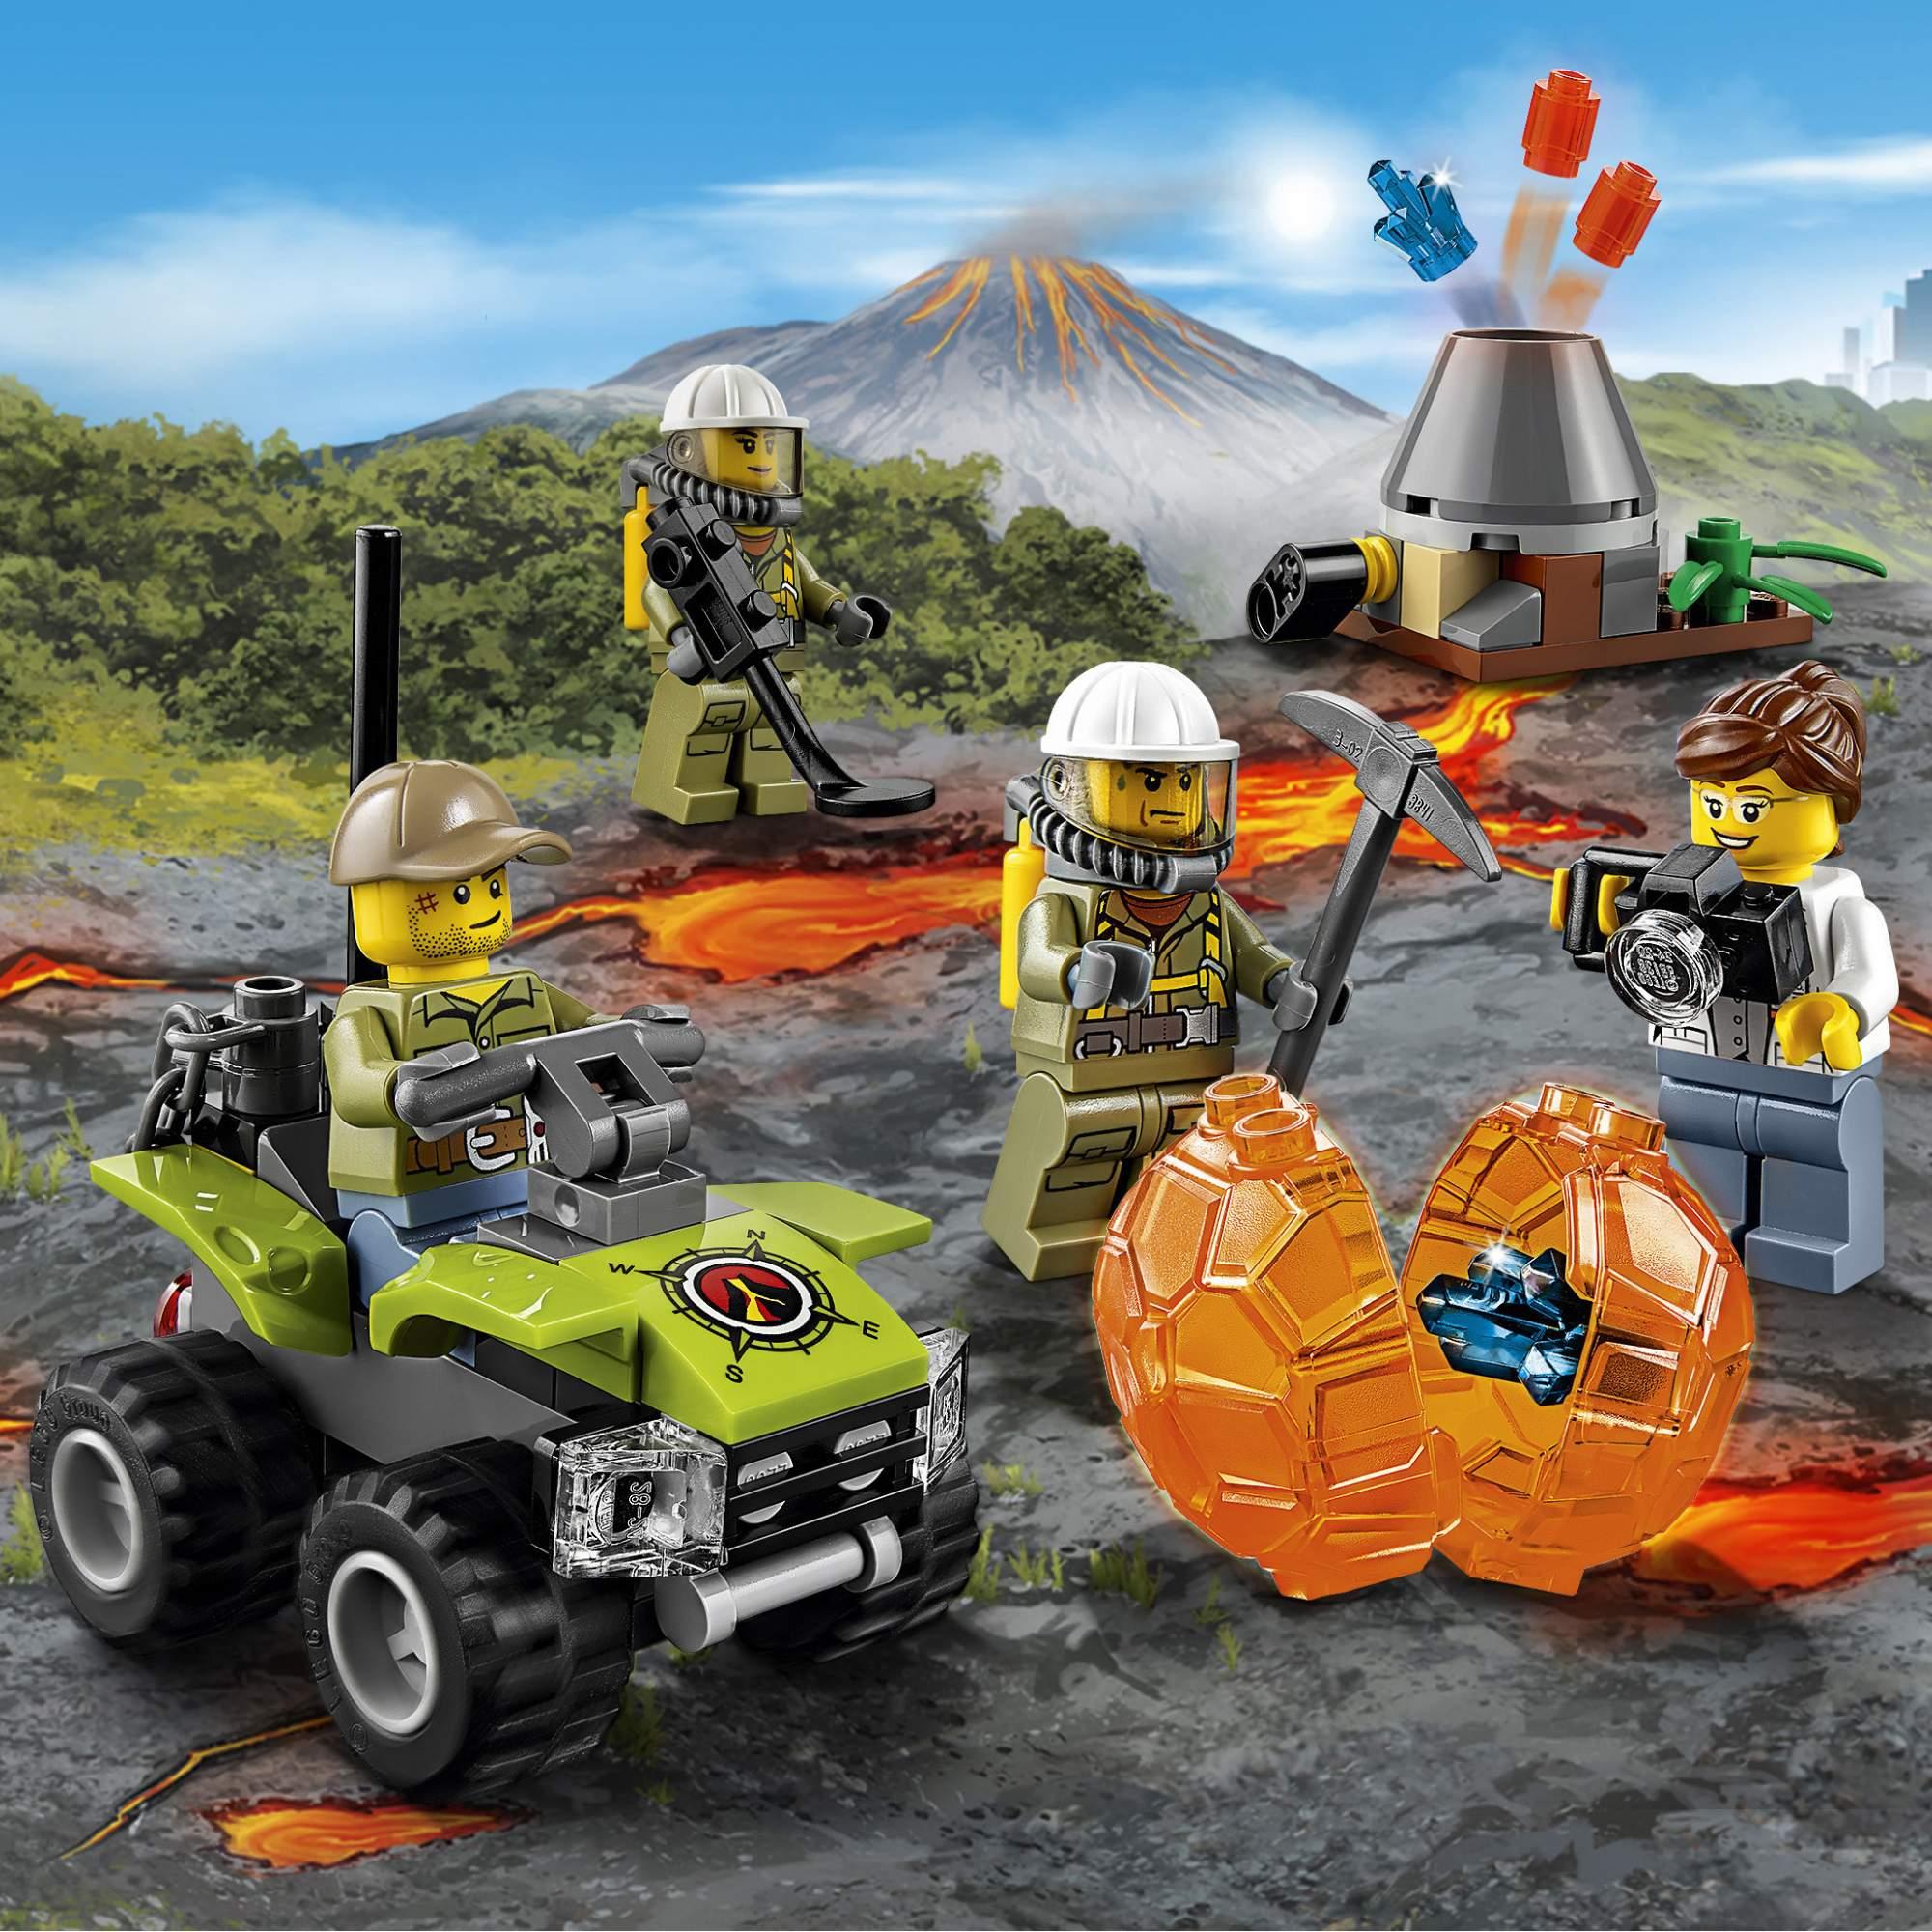 хранится исследователи вулканов лего картинки него